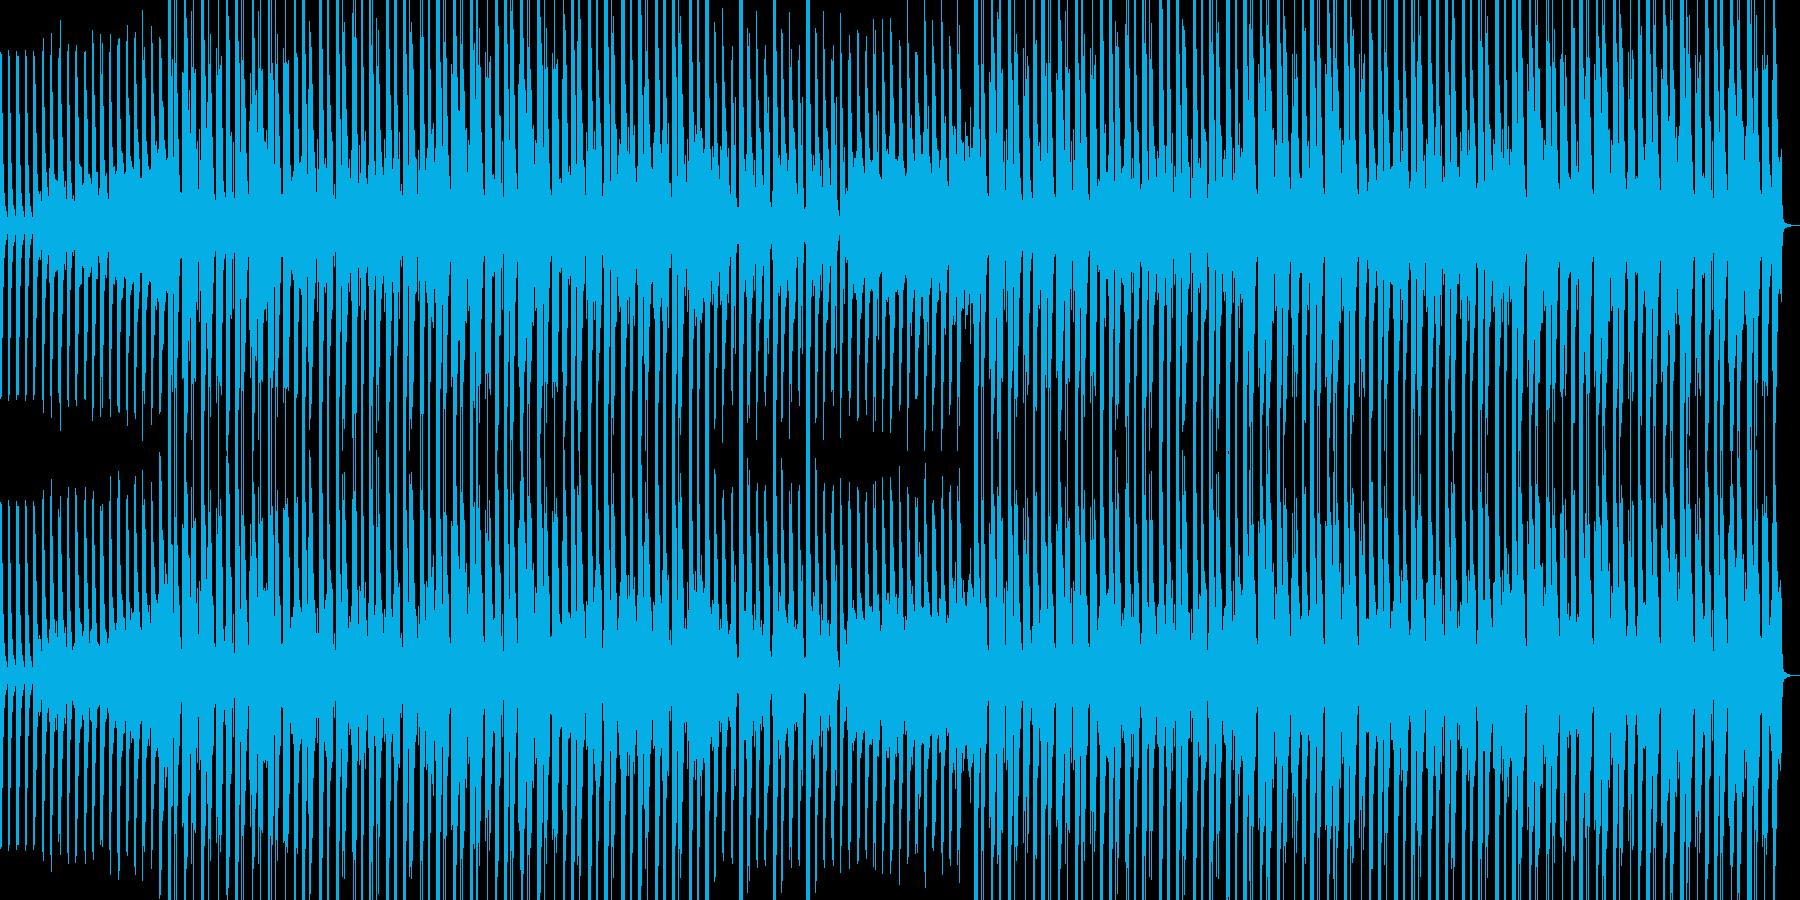 ミディアムテンポな和風ポップスの再生済みの波形